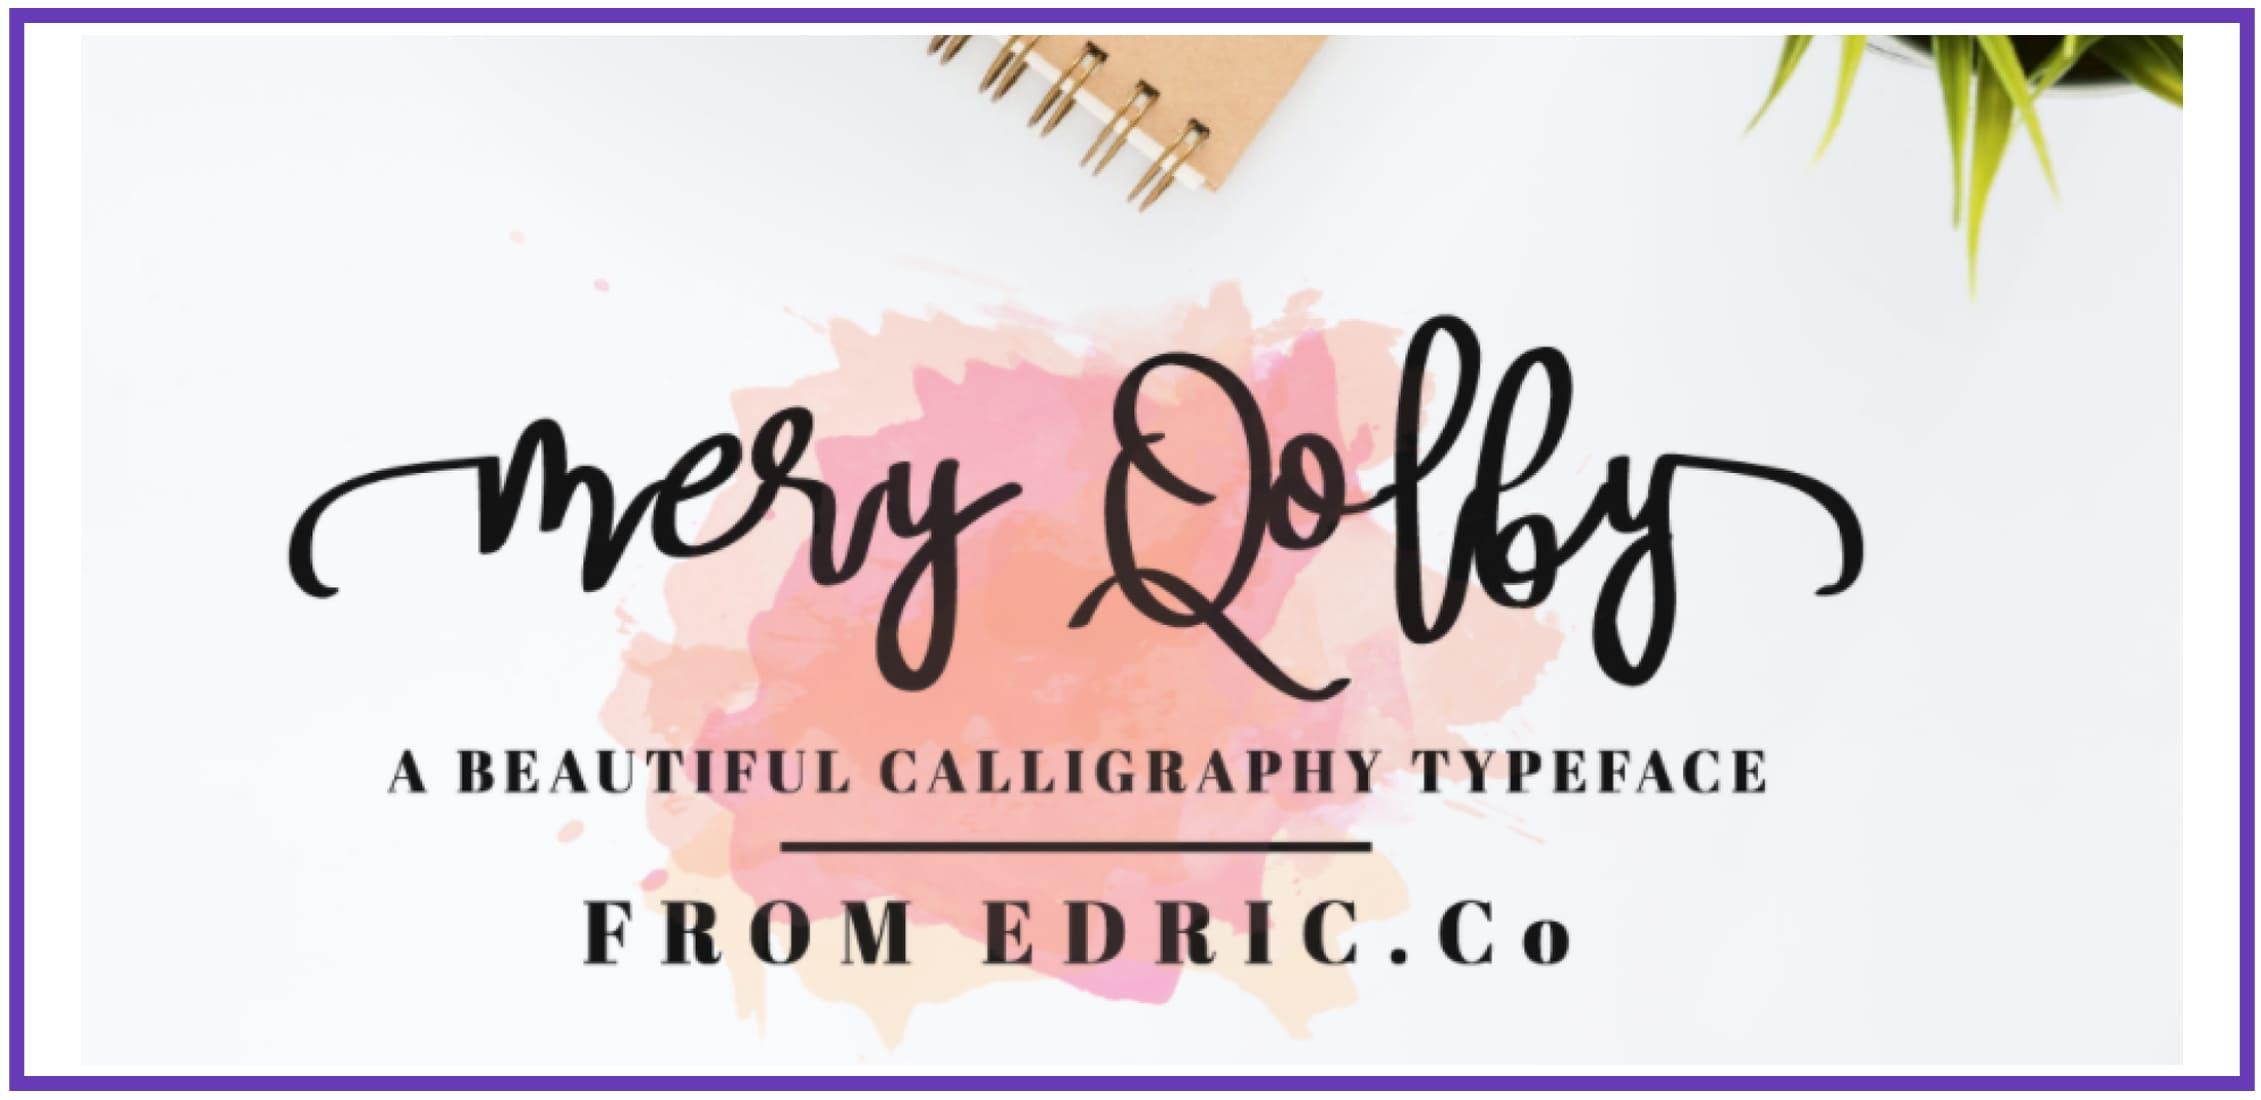 Eye-catching MeryQolby. Masculine Font.